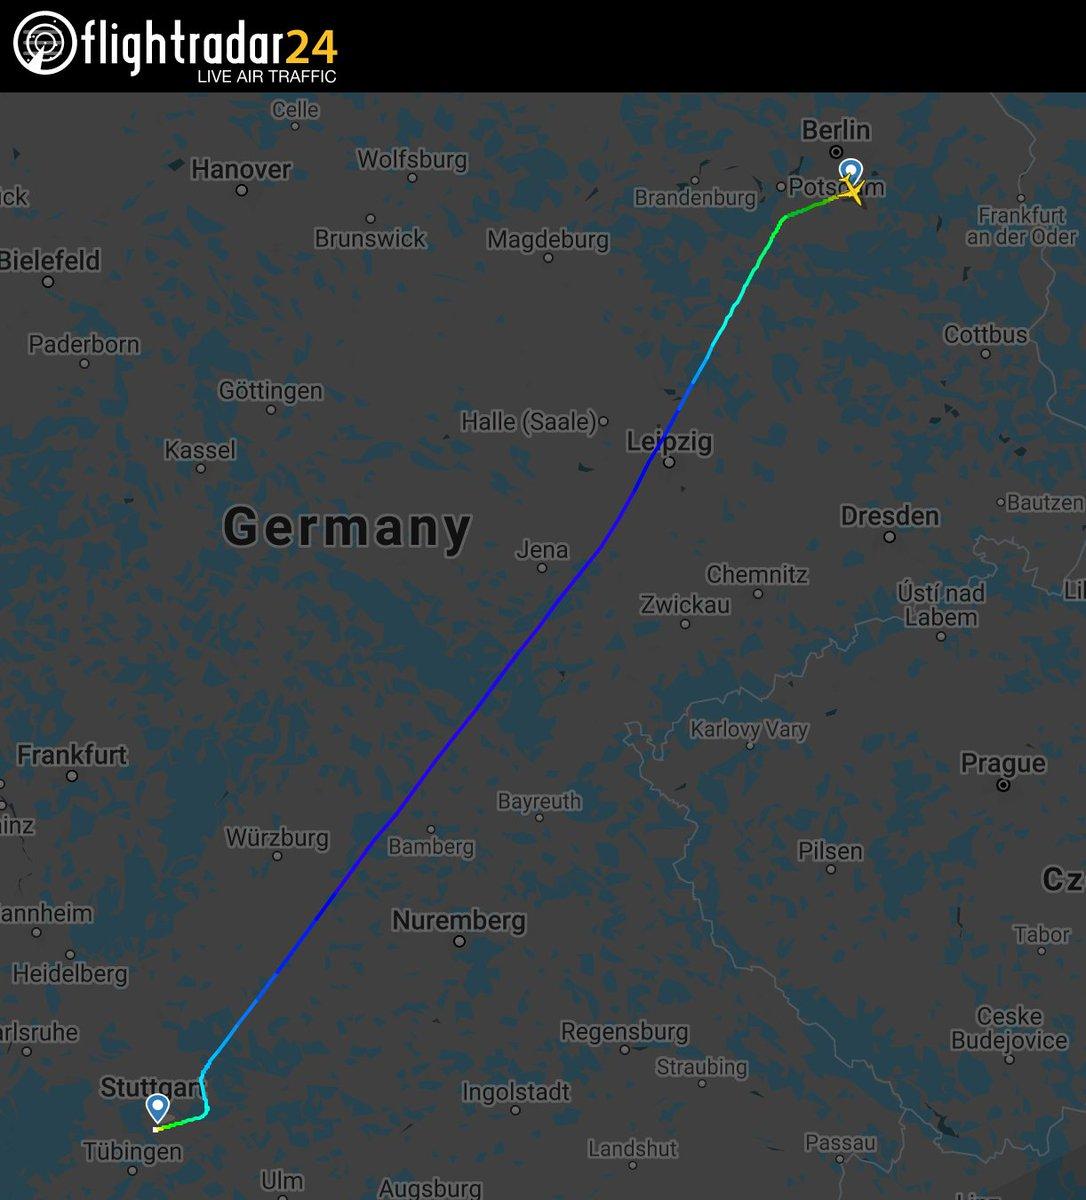 Geflogene Route laut Flightradar24 - beide Routen sind beinahe deckungsgleich